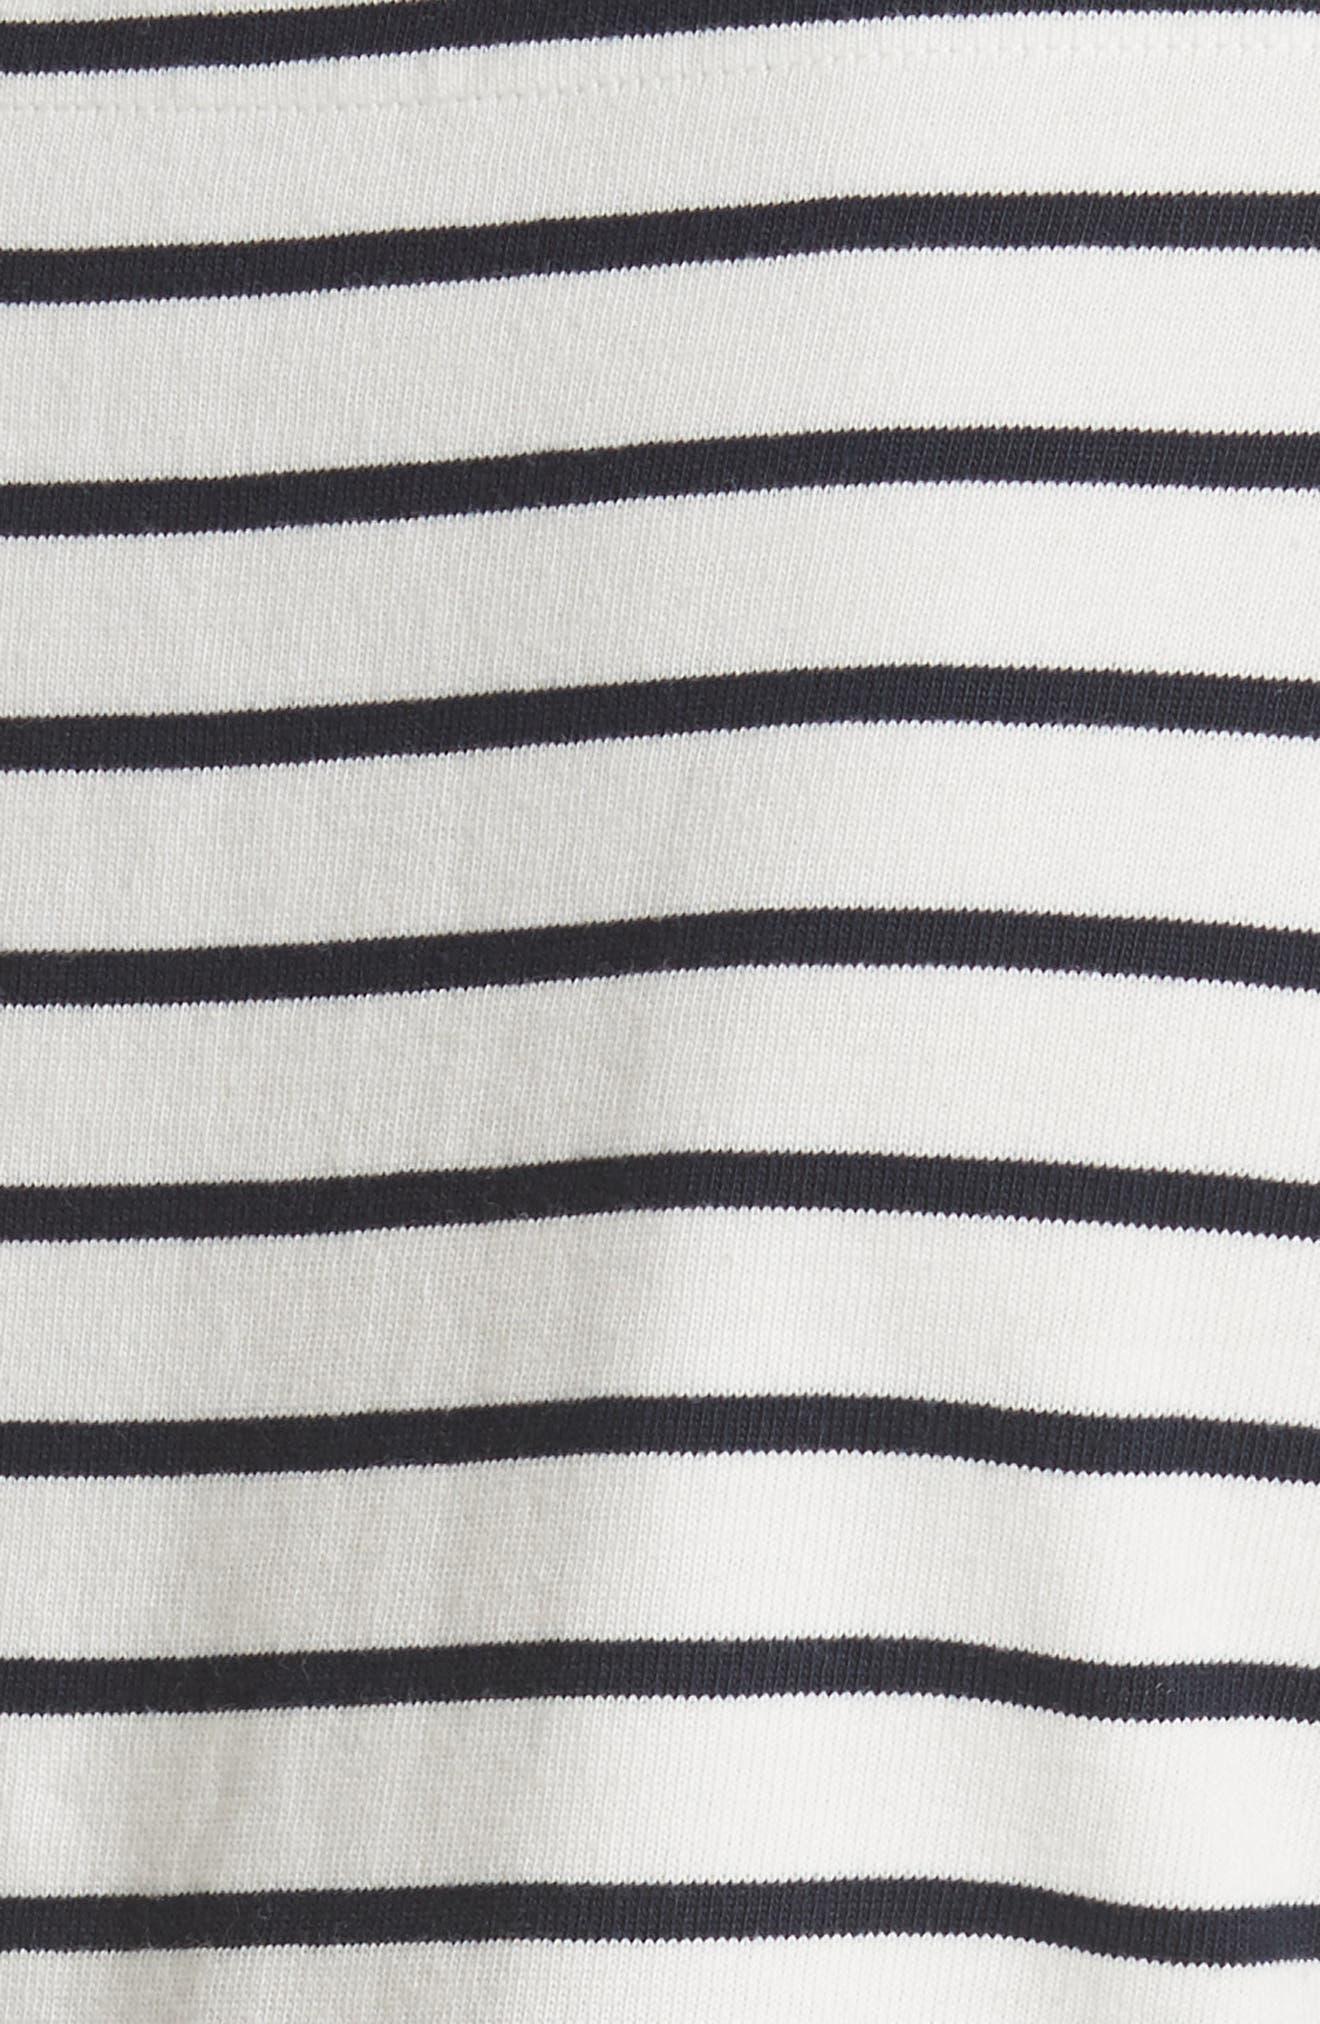 Stripe Knit Dress,                             Alternate thumbnail 5, color,                             Milk Combo